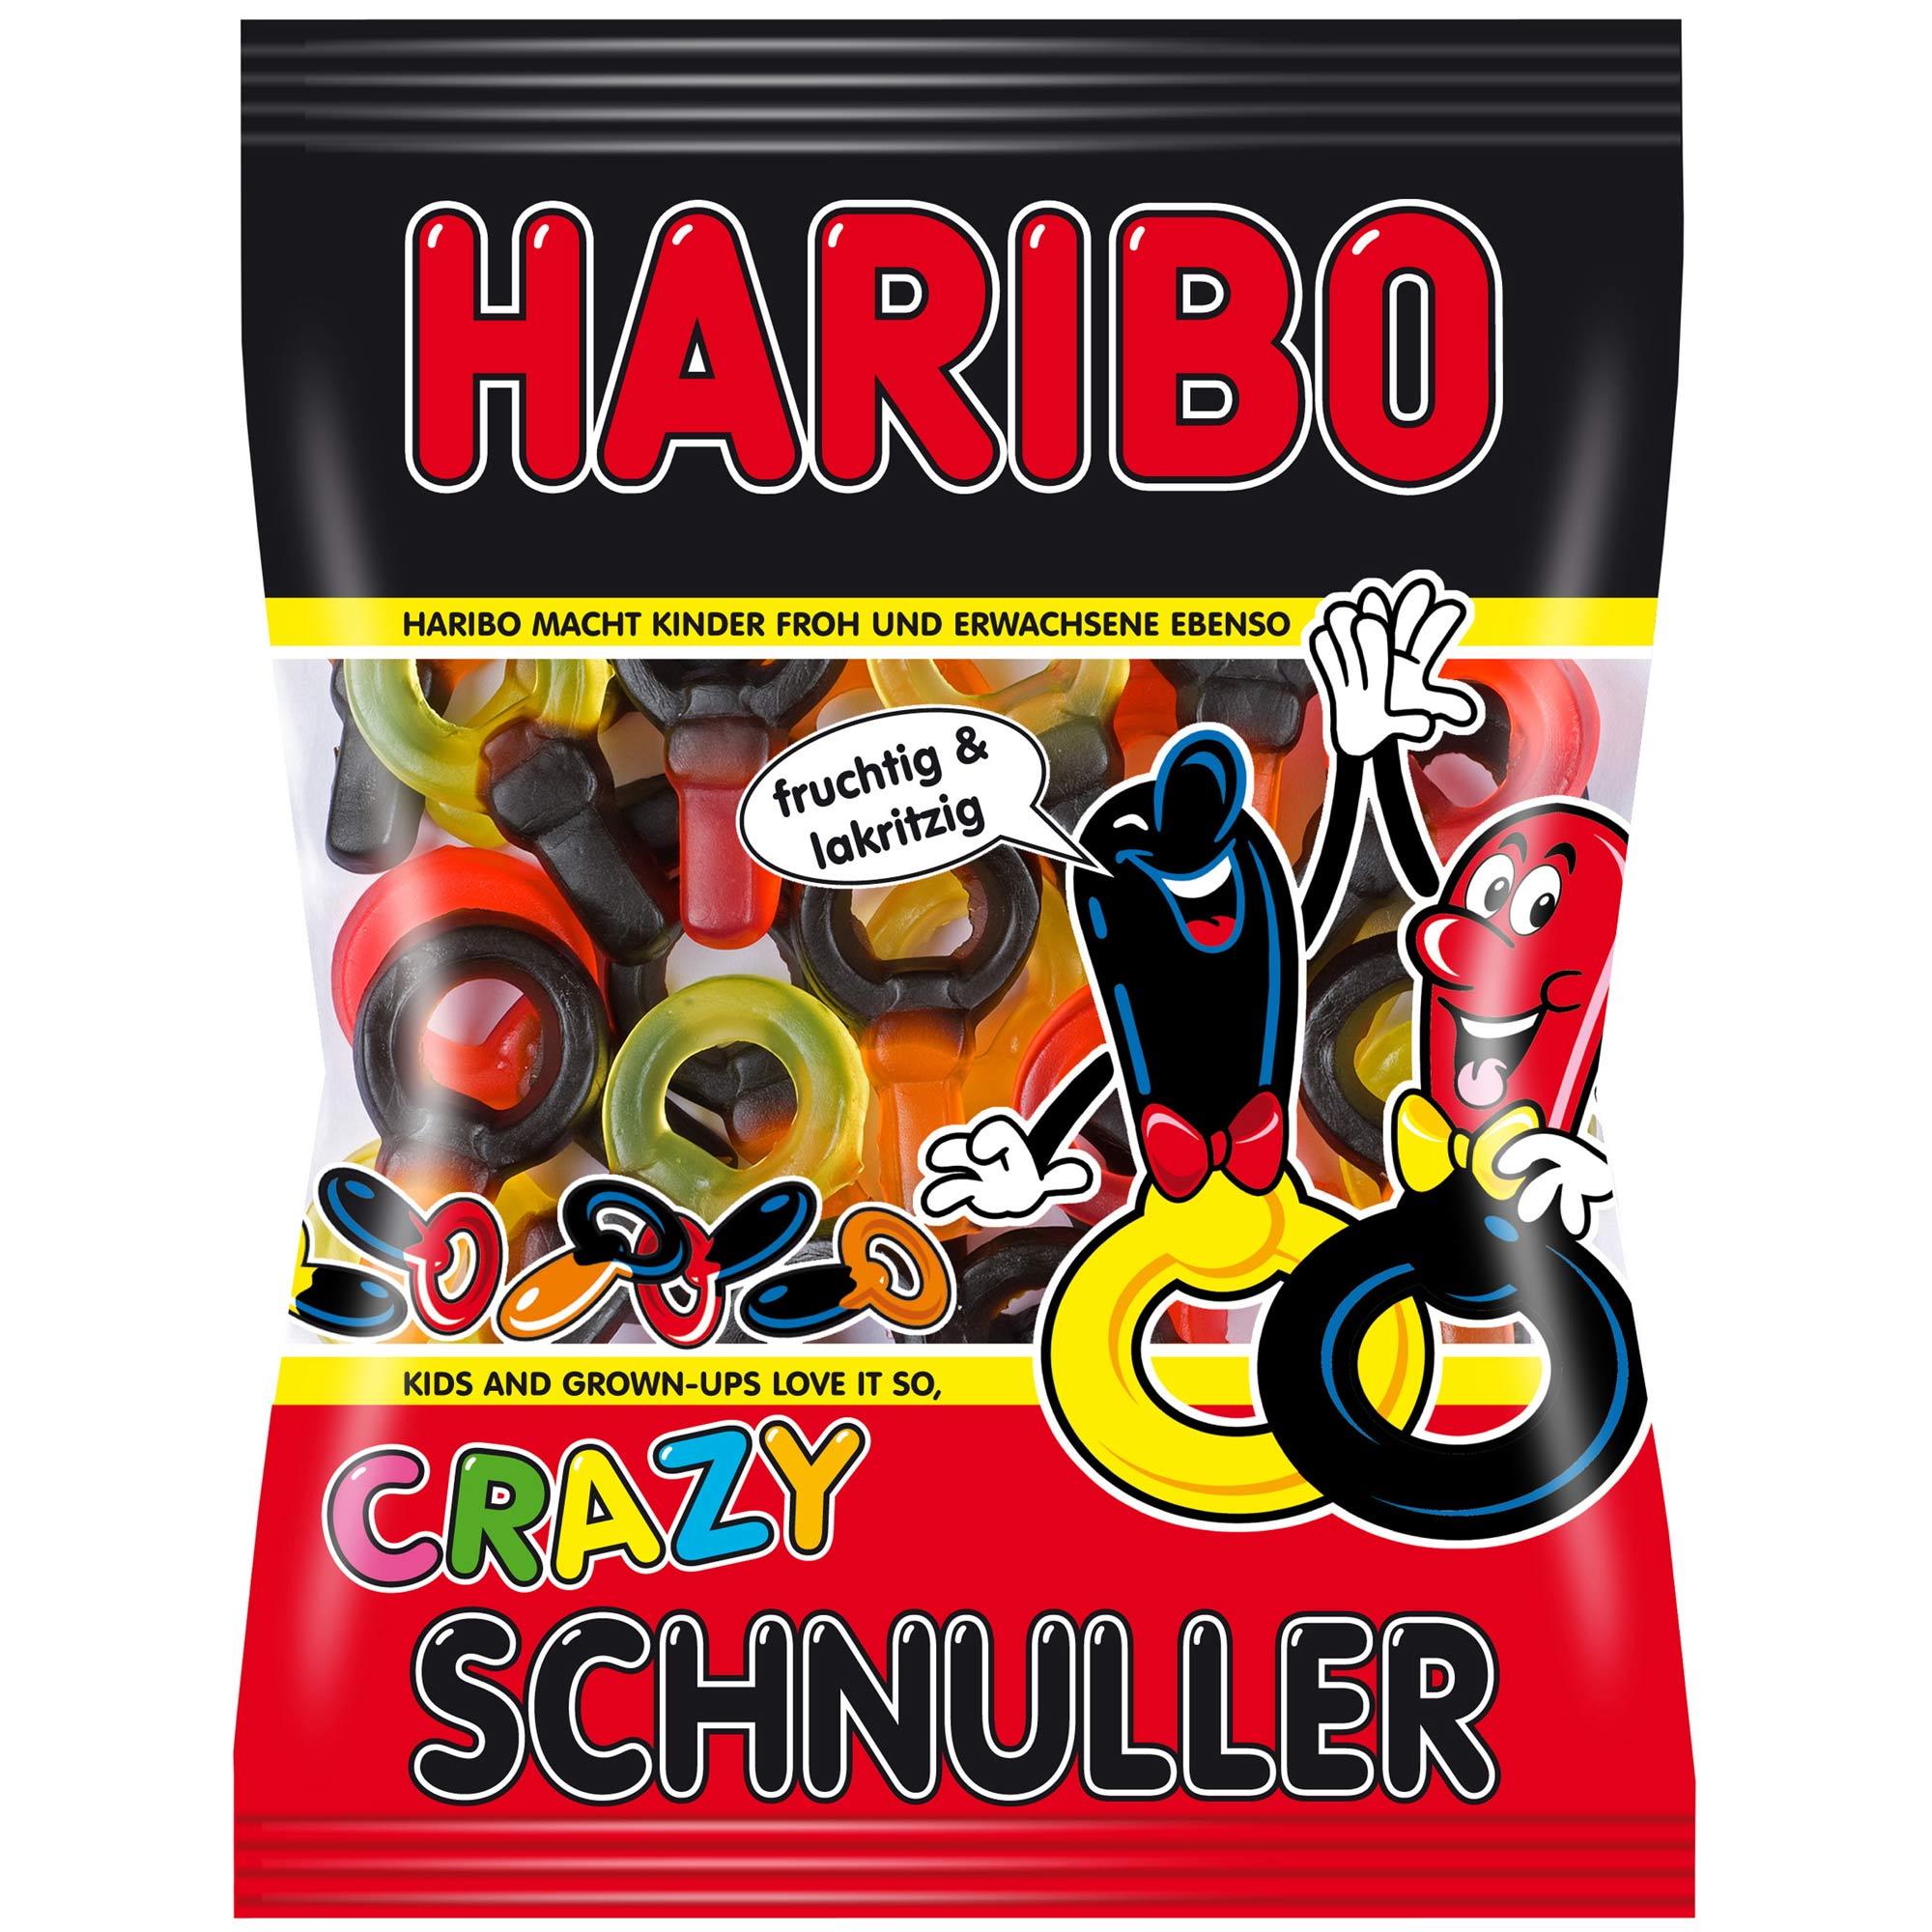 Haribo Schnuller